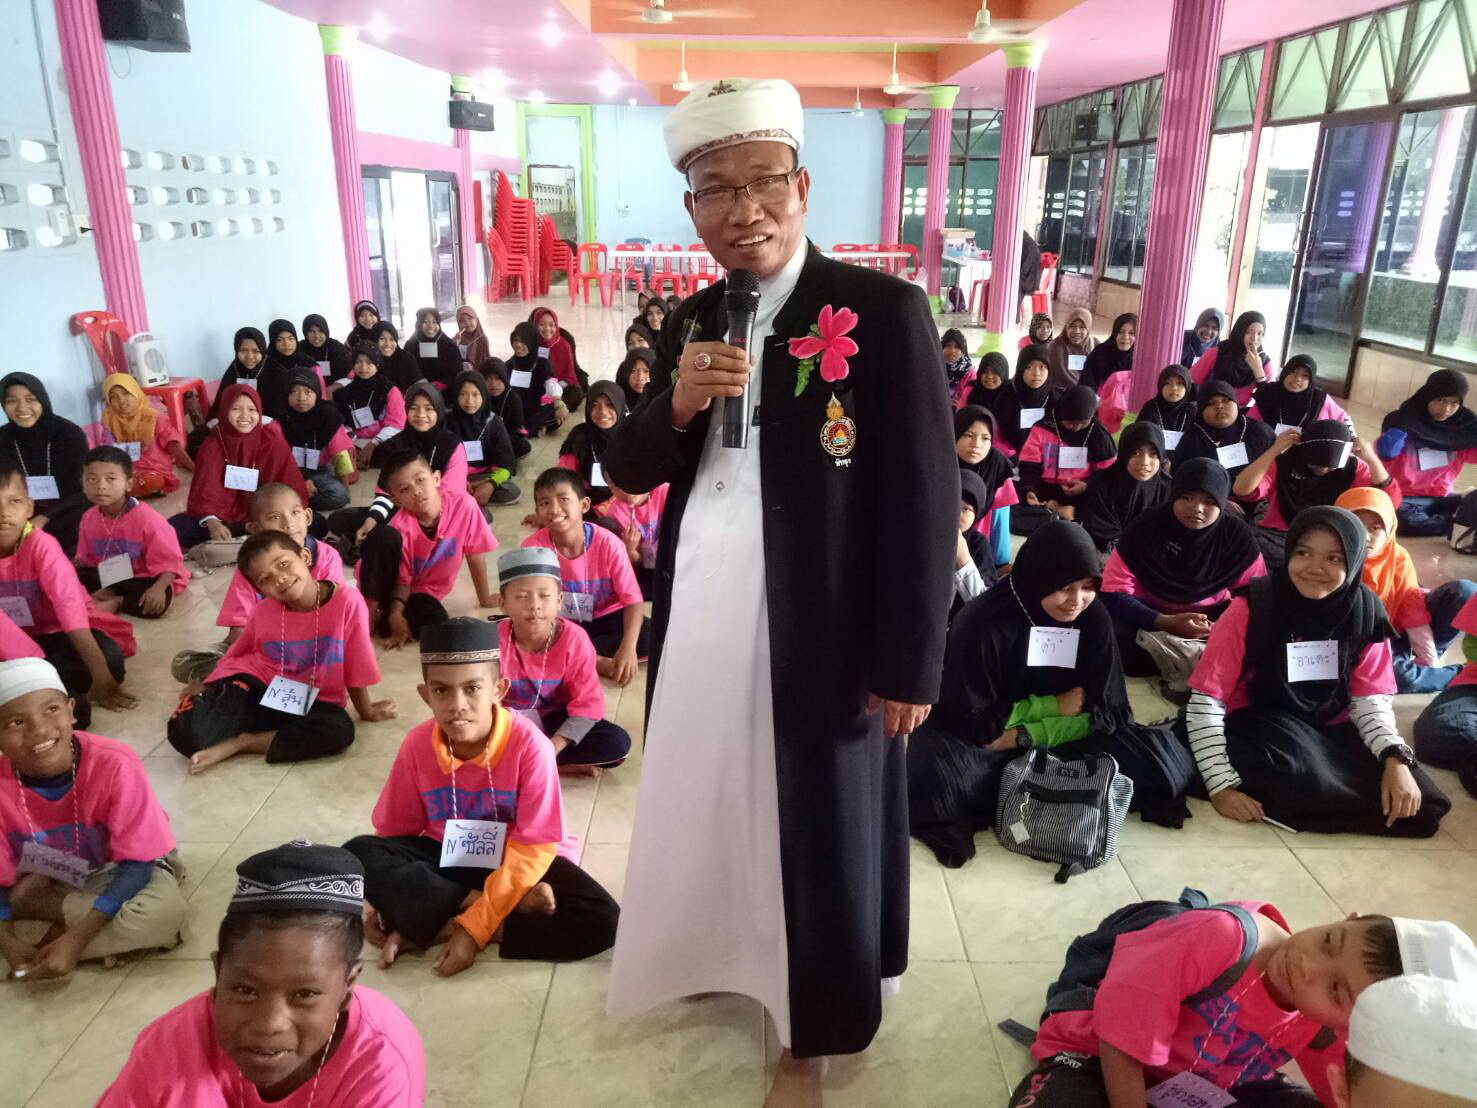 กอจ.พัทลุง ชุดใหม่ผุดนโยบาย : เปิดเมืองพัทลุงให้โลกรู้จัก